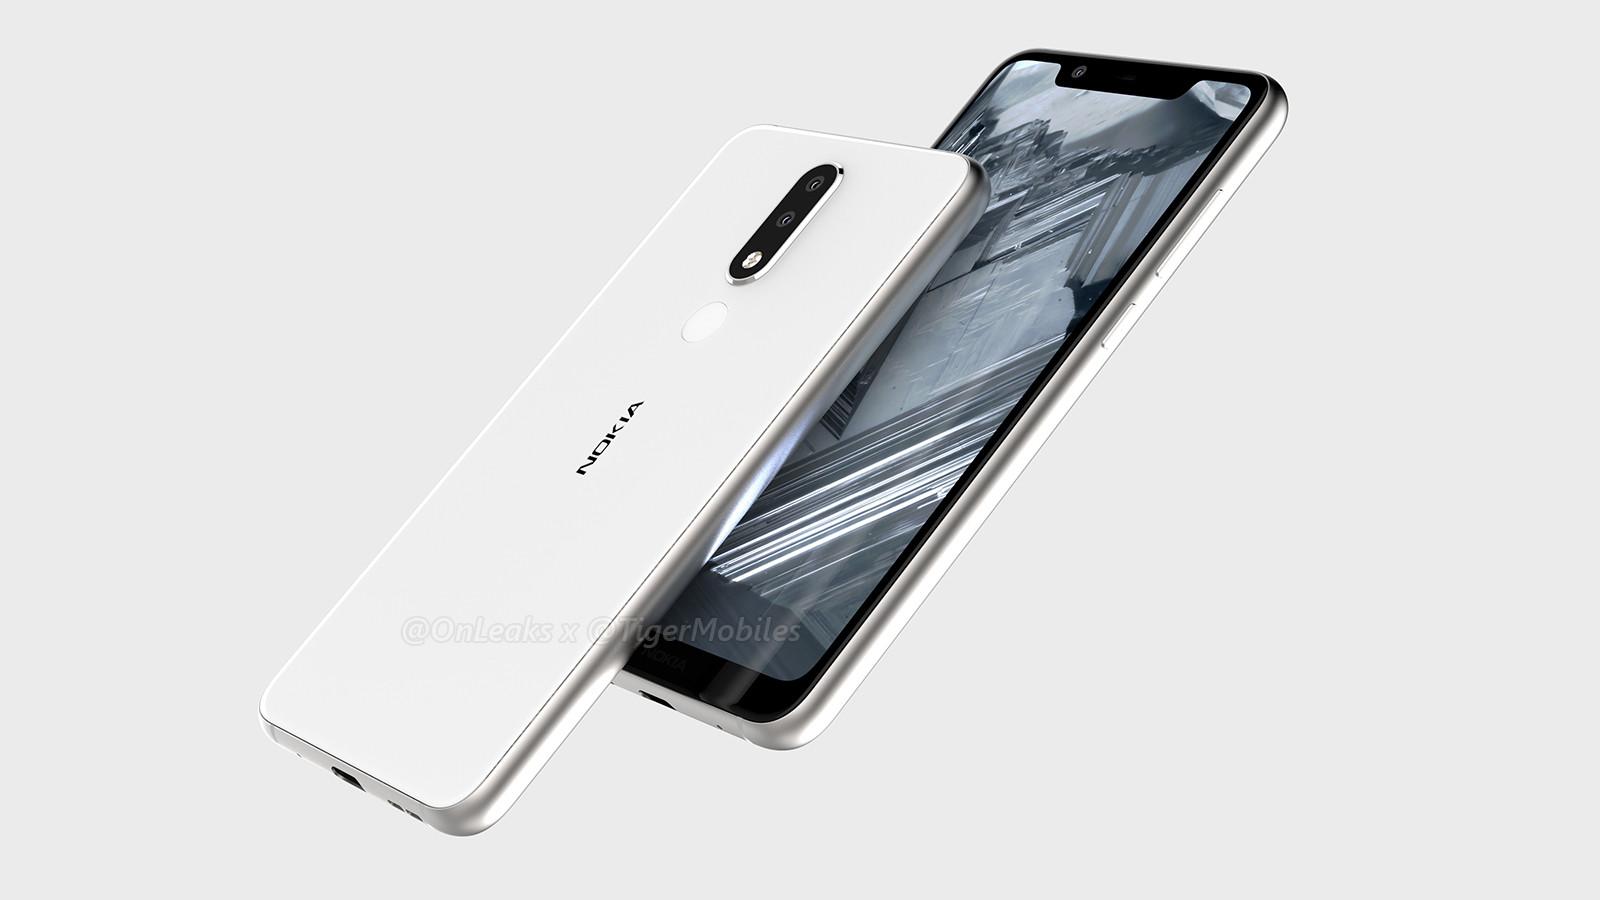 Sehen wir hier, das neue Nokia 5.1 Plus? (Bild: OnLeaks)